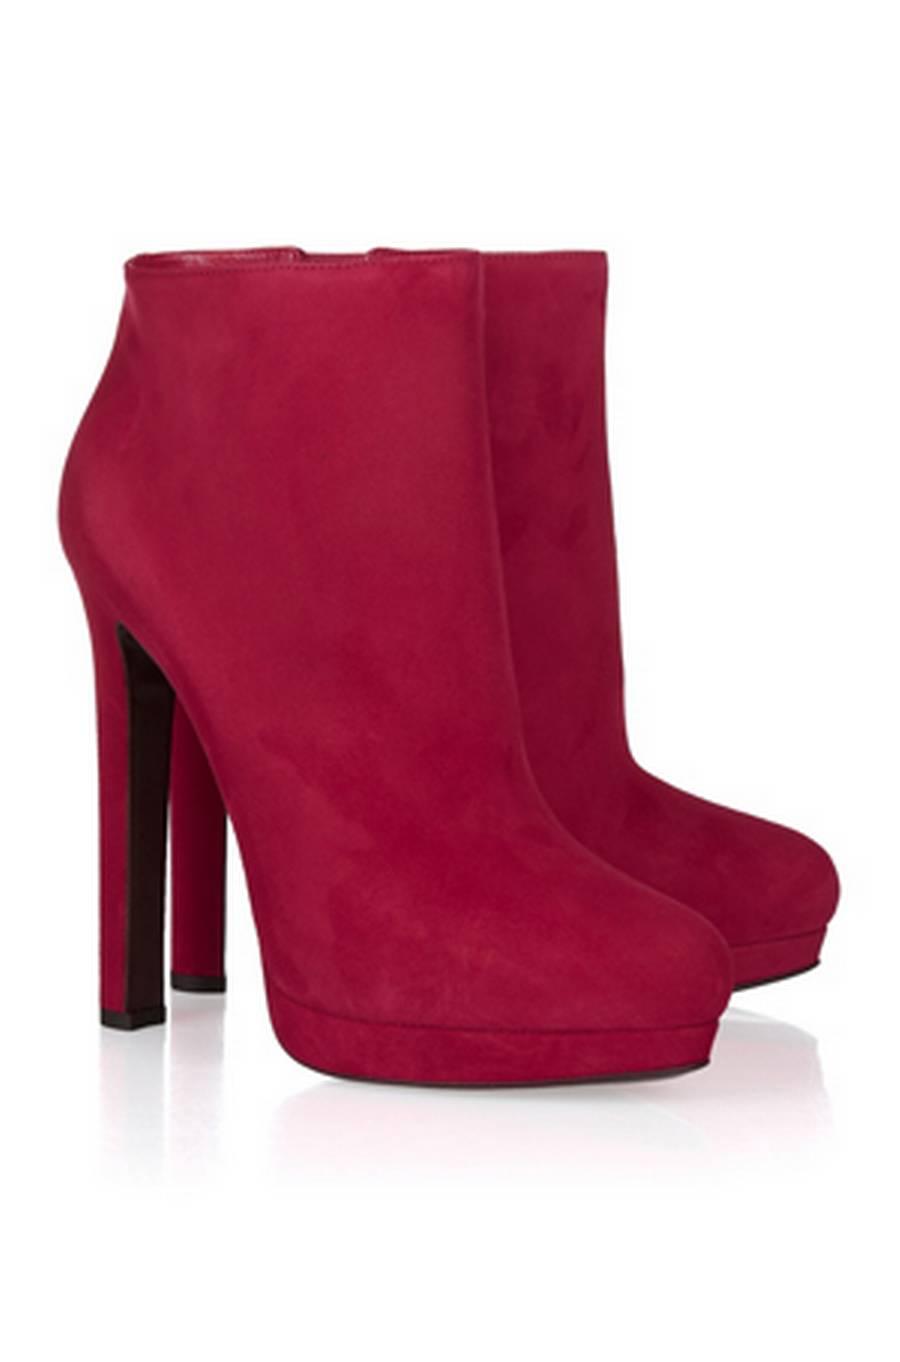 Hvis du ikke allerede har et par røde sko i garderoben er det på høje tid, at du anskaffer dig et par. Disse smukke støvler fra Alexander McQueen er et godt bud, de er super elegante og helt ideelle til de kommende julefrokoster.Støvler fra Alexander McQueen hos Net-a-porter.com, 5.025 kr.